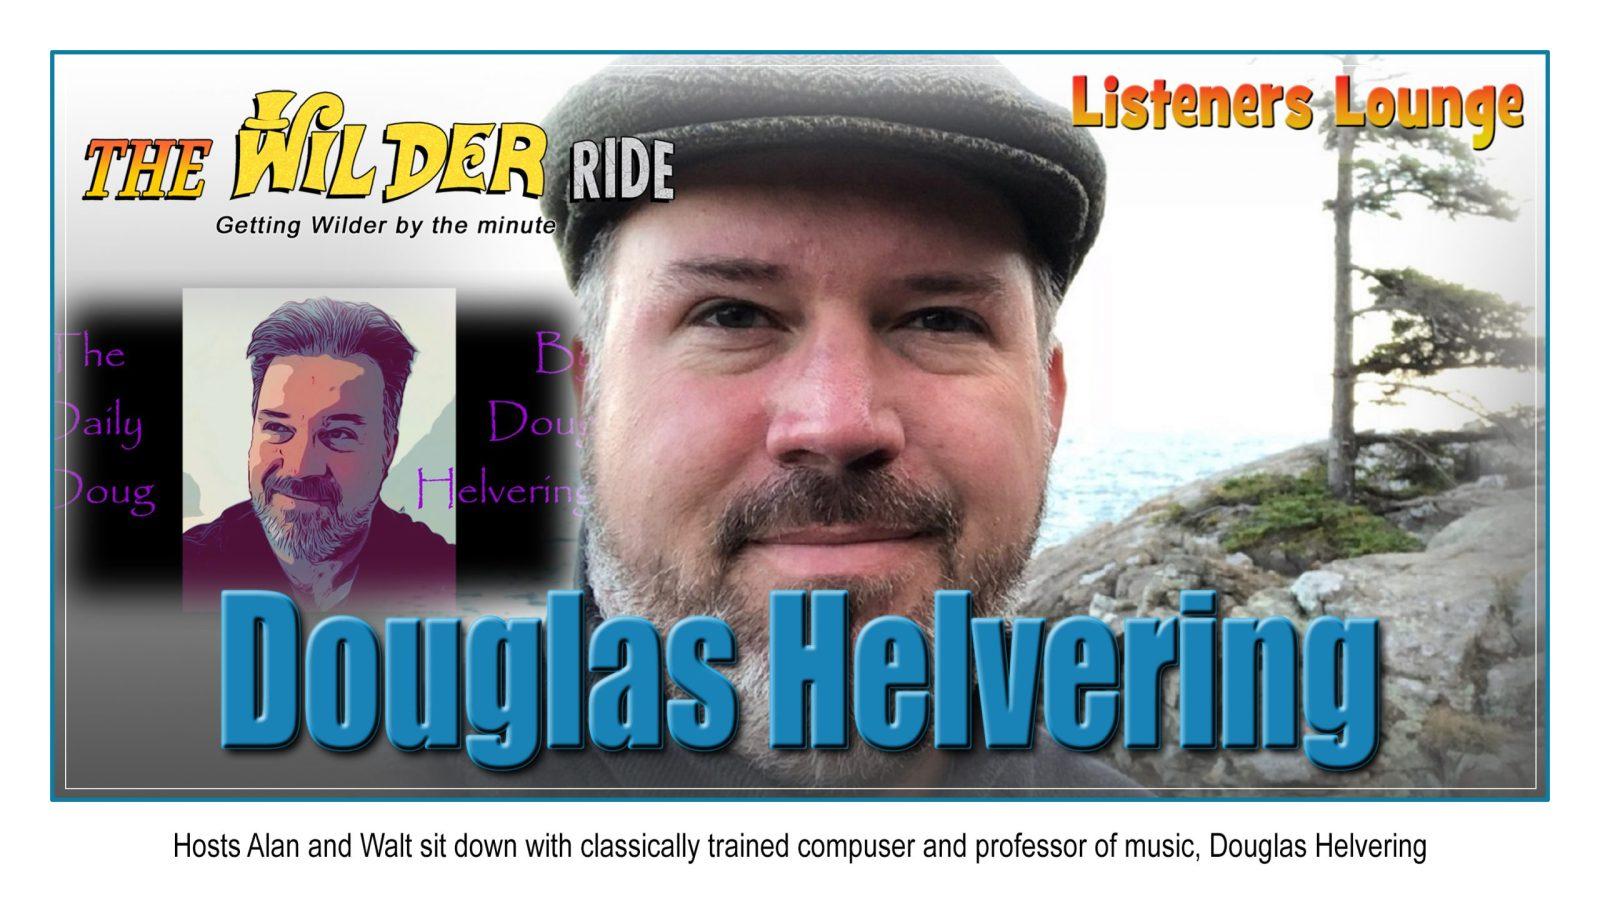 Douglas Helvering